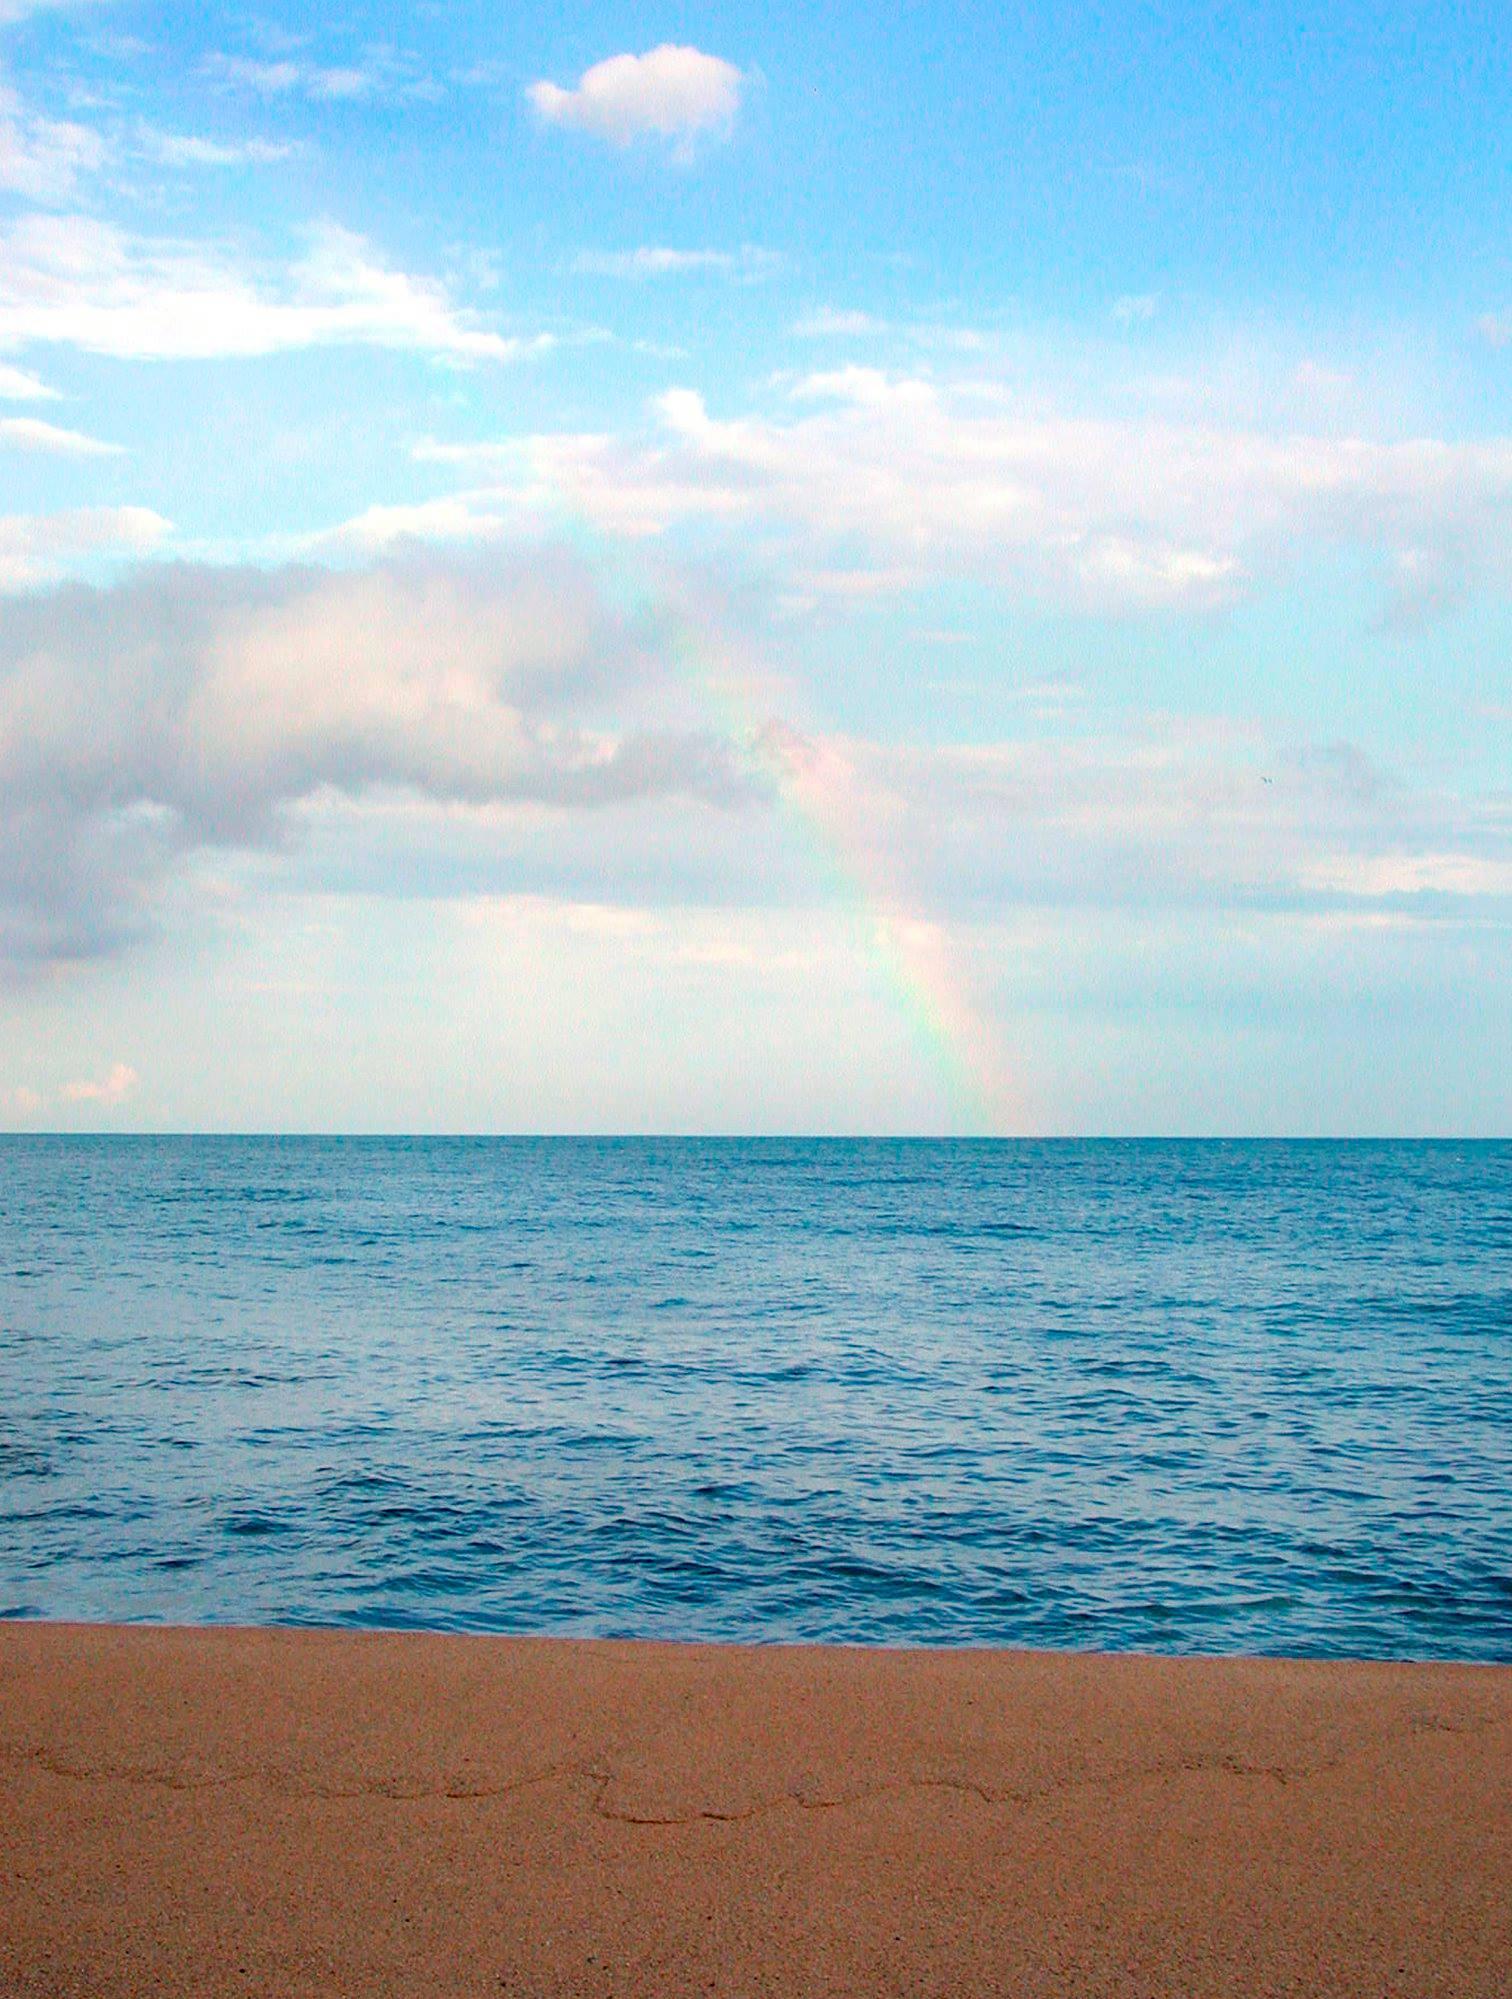 Fotografia de Cote Cabrera sobre el mar  con arcociris.